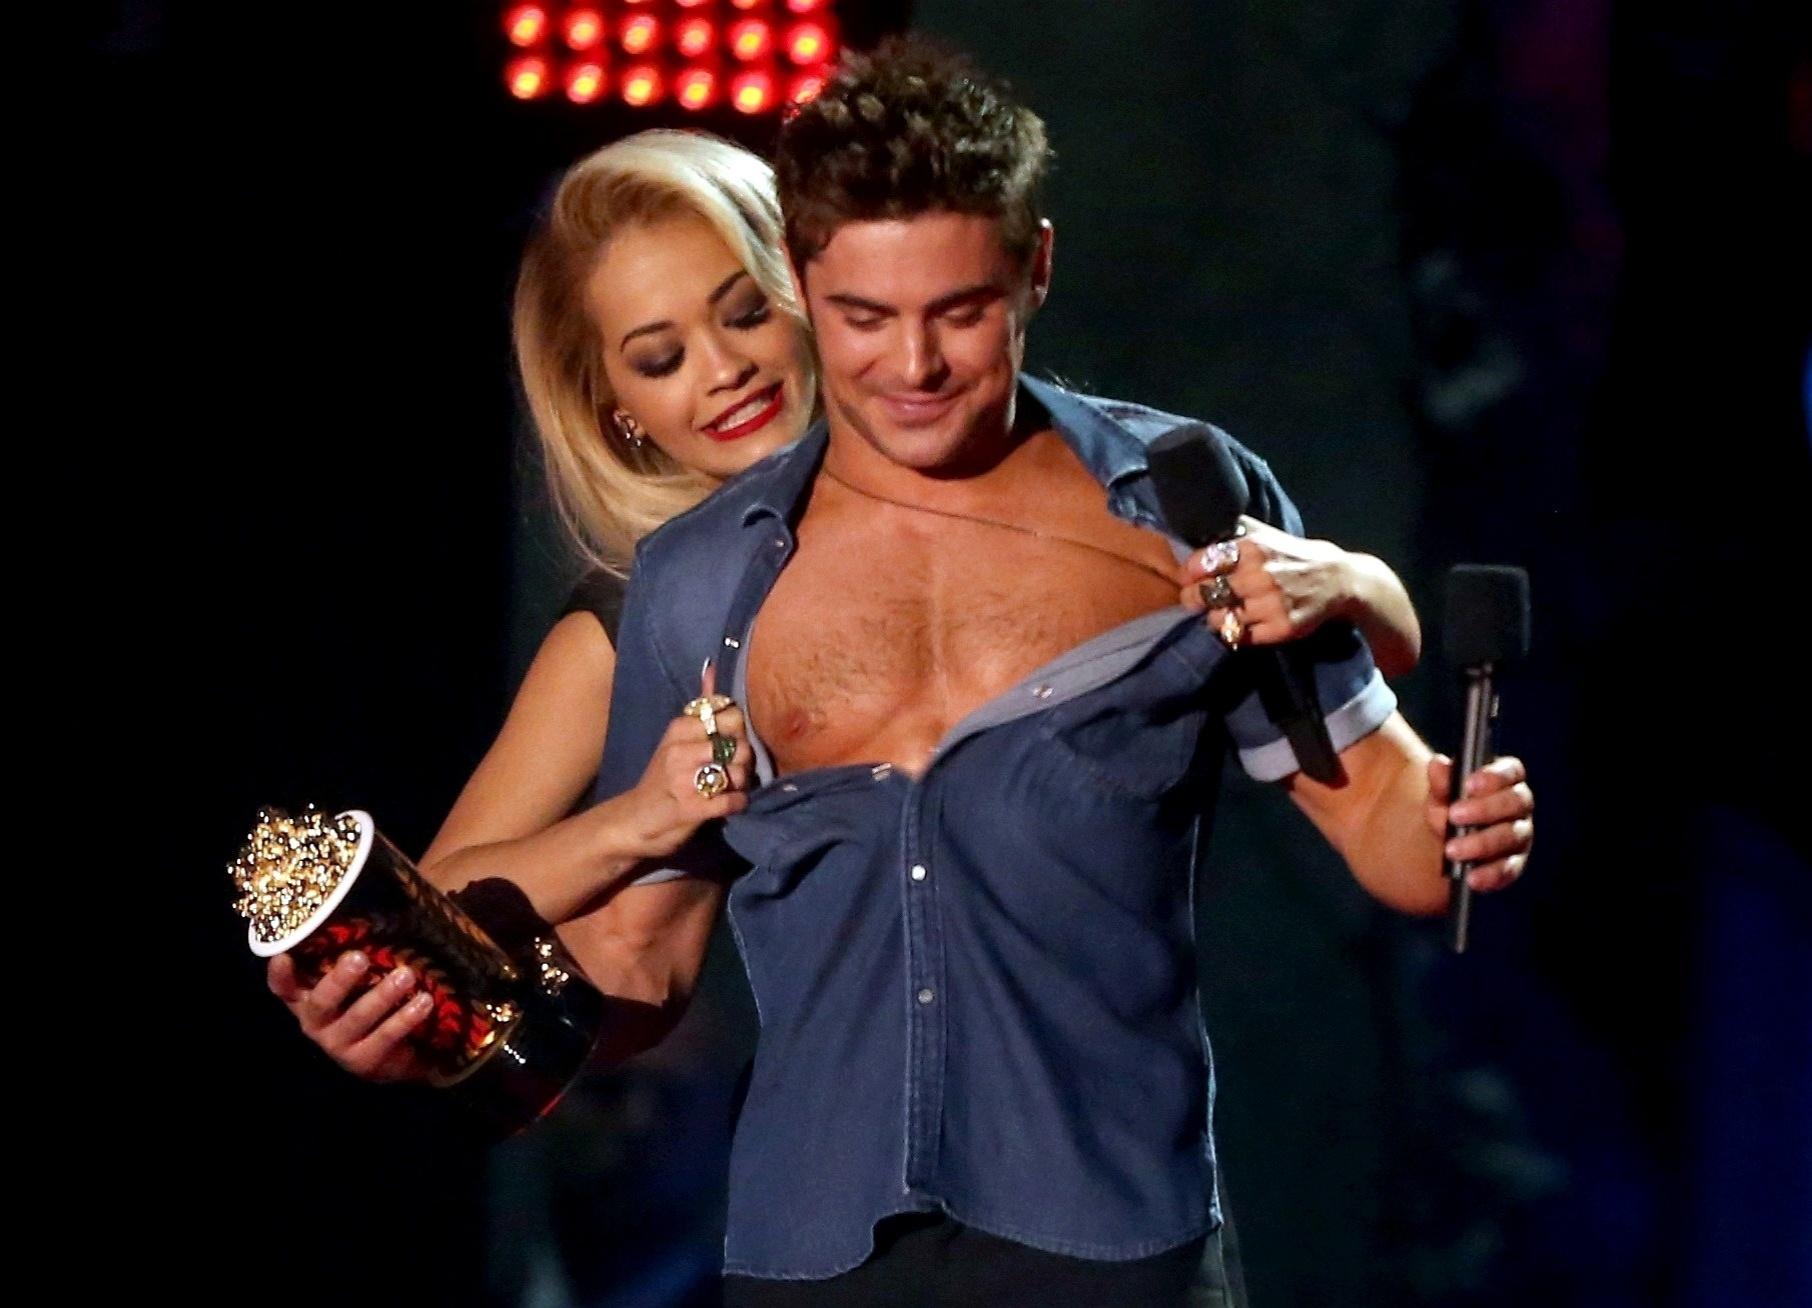 13.abril.2014 - Rita Ora tira a camisa de Zac Efron no MTV Movie Awards 2014, na noite deste domingo (13), no Nokia Theatre, em Los Angeles